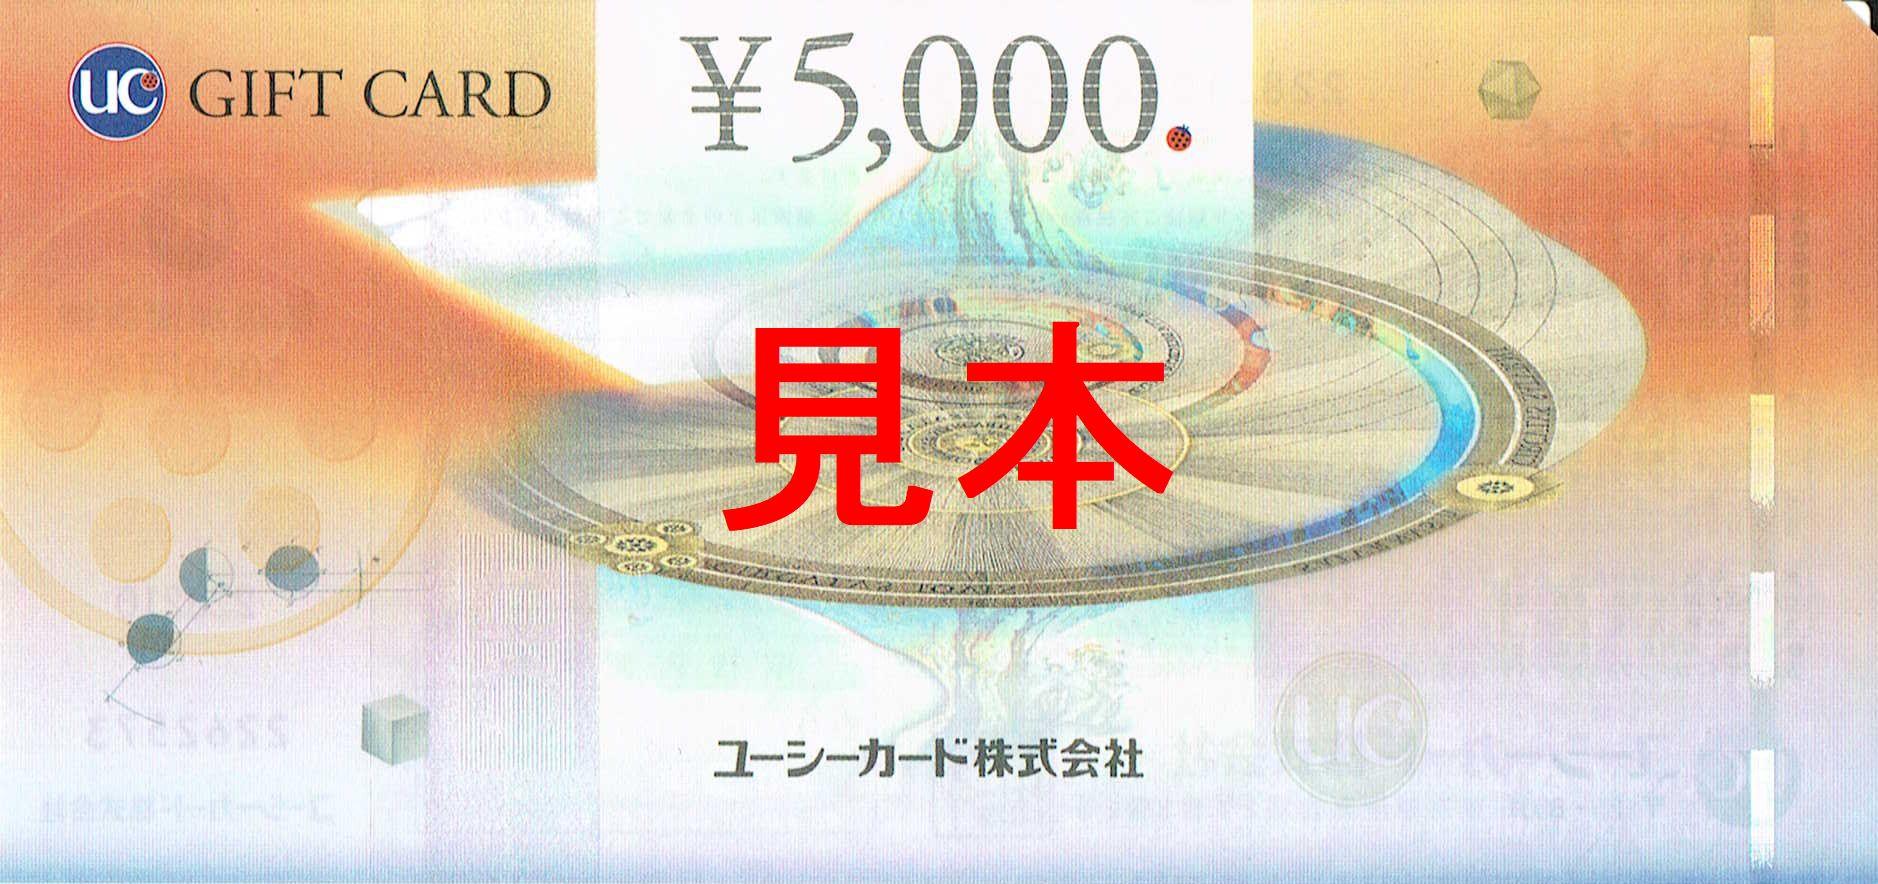 商品名「商品券・金券」「UCギフトカード5,000円」